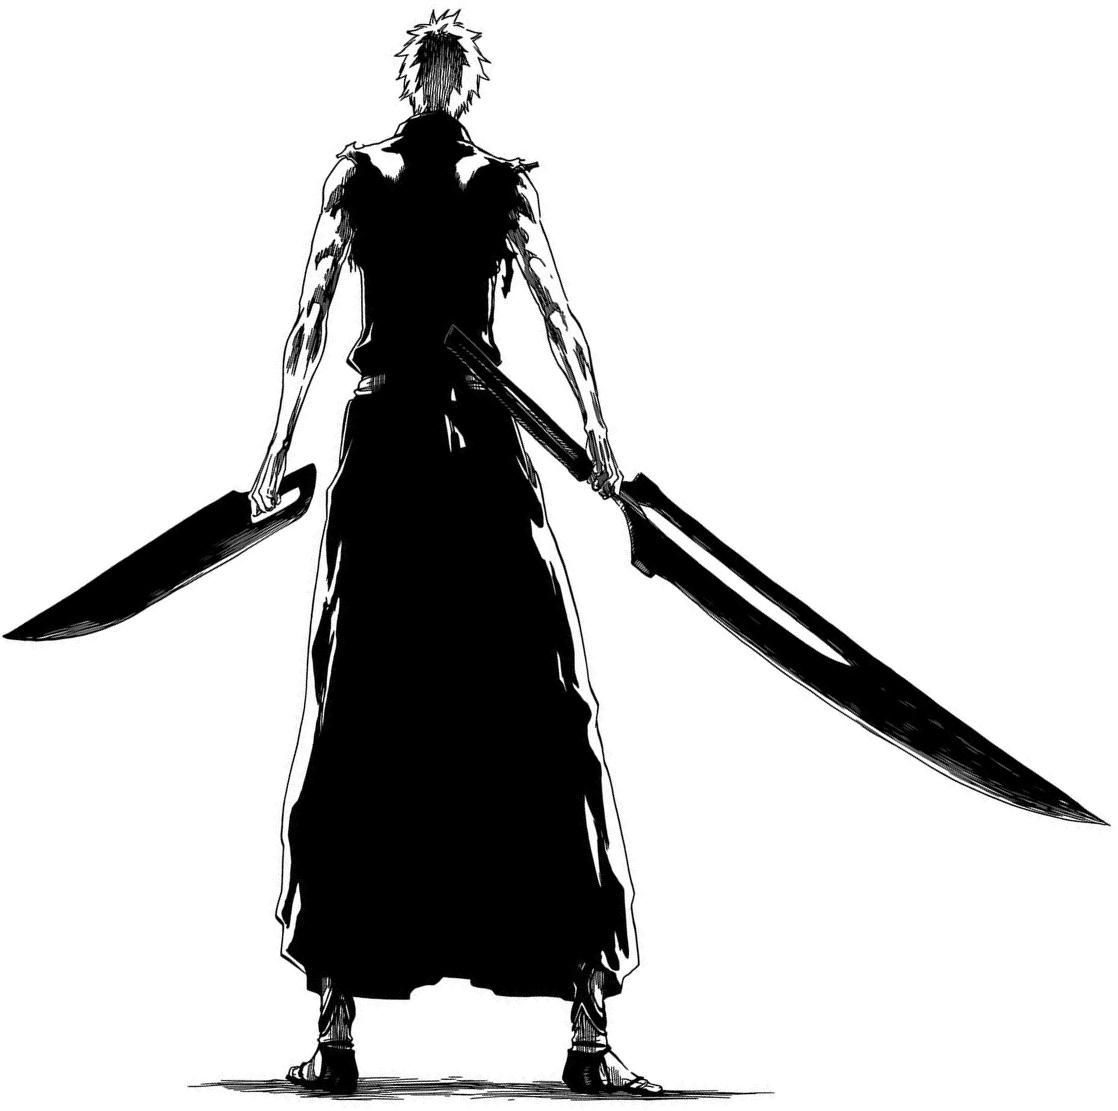 Qual versão da Shikai do Ichigo mais te agrada ? 8366af202ffe55d49b6a6ac8dbee9578